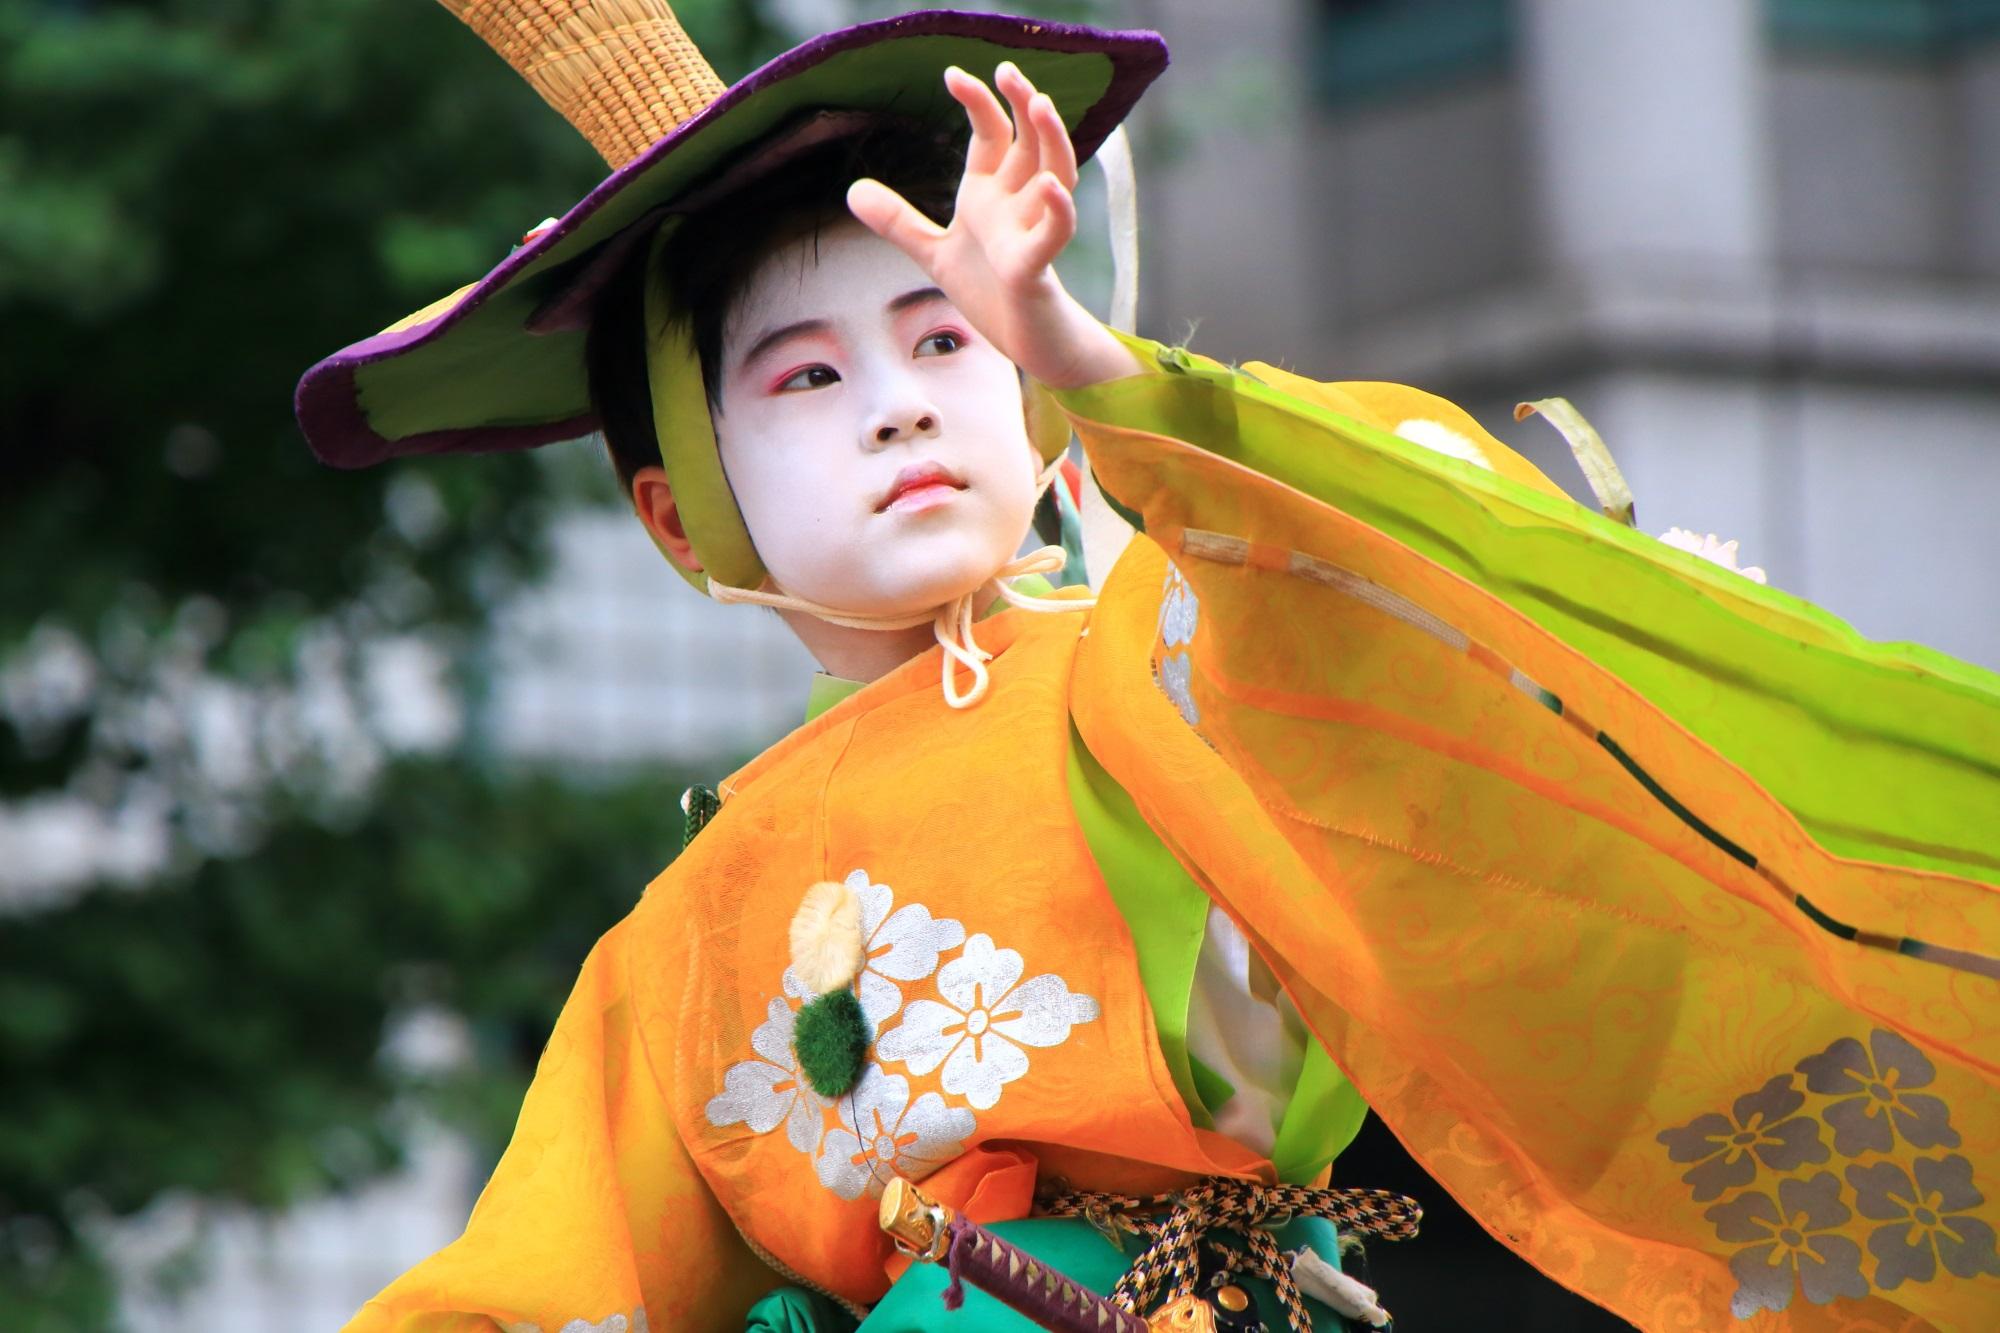 京都三大祭の花傘巡行の馬長さん